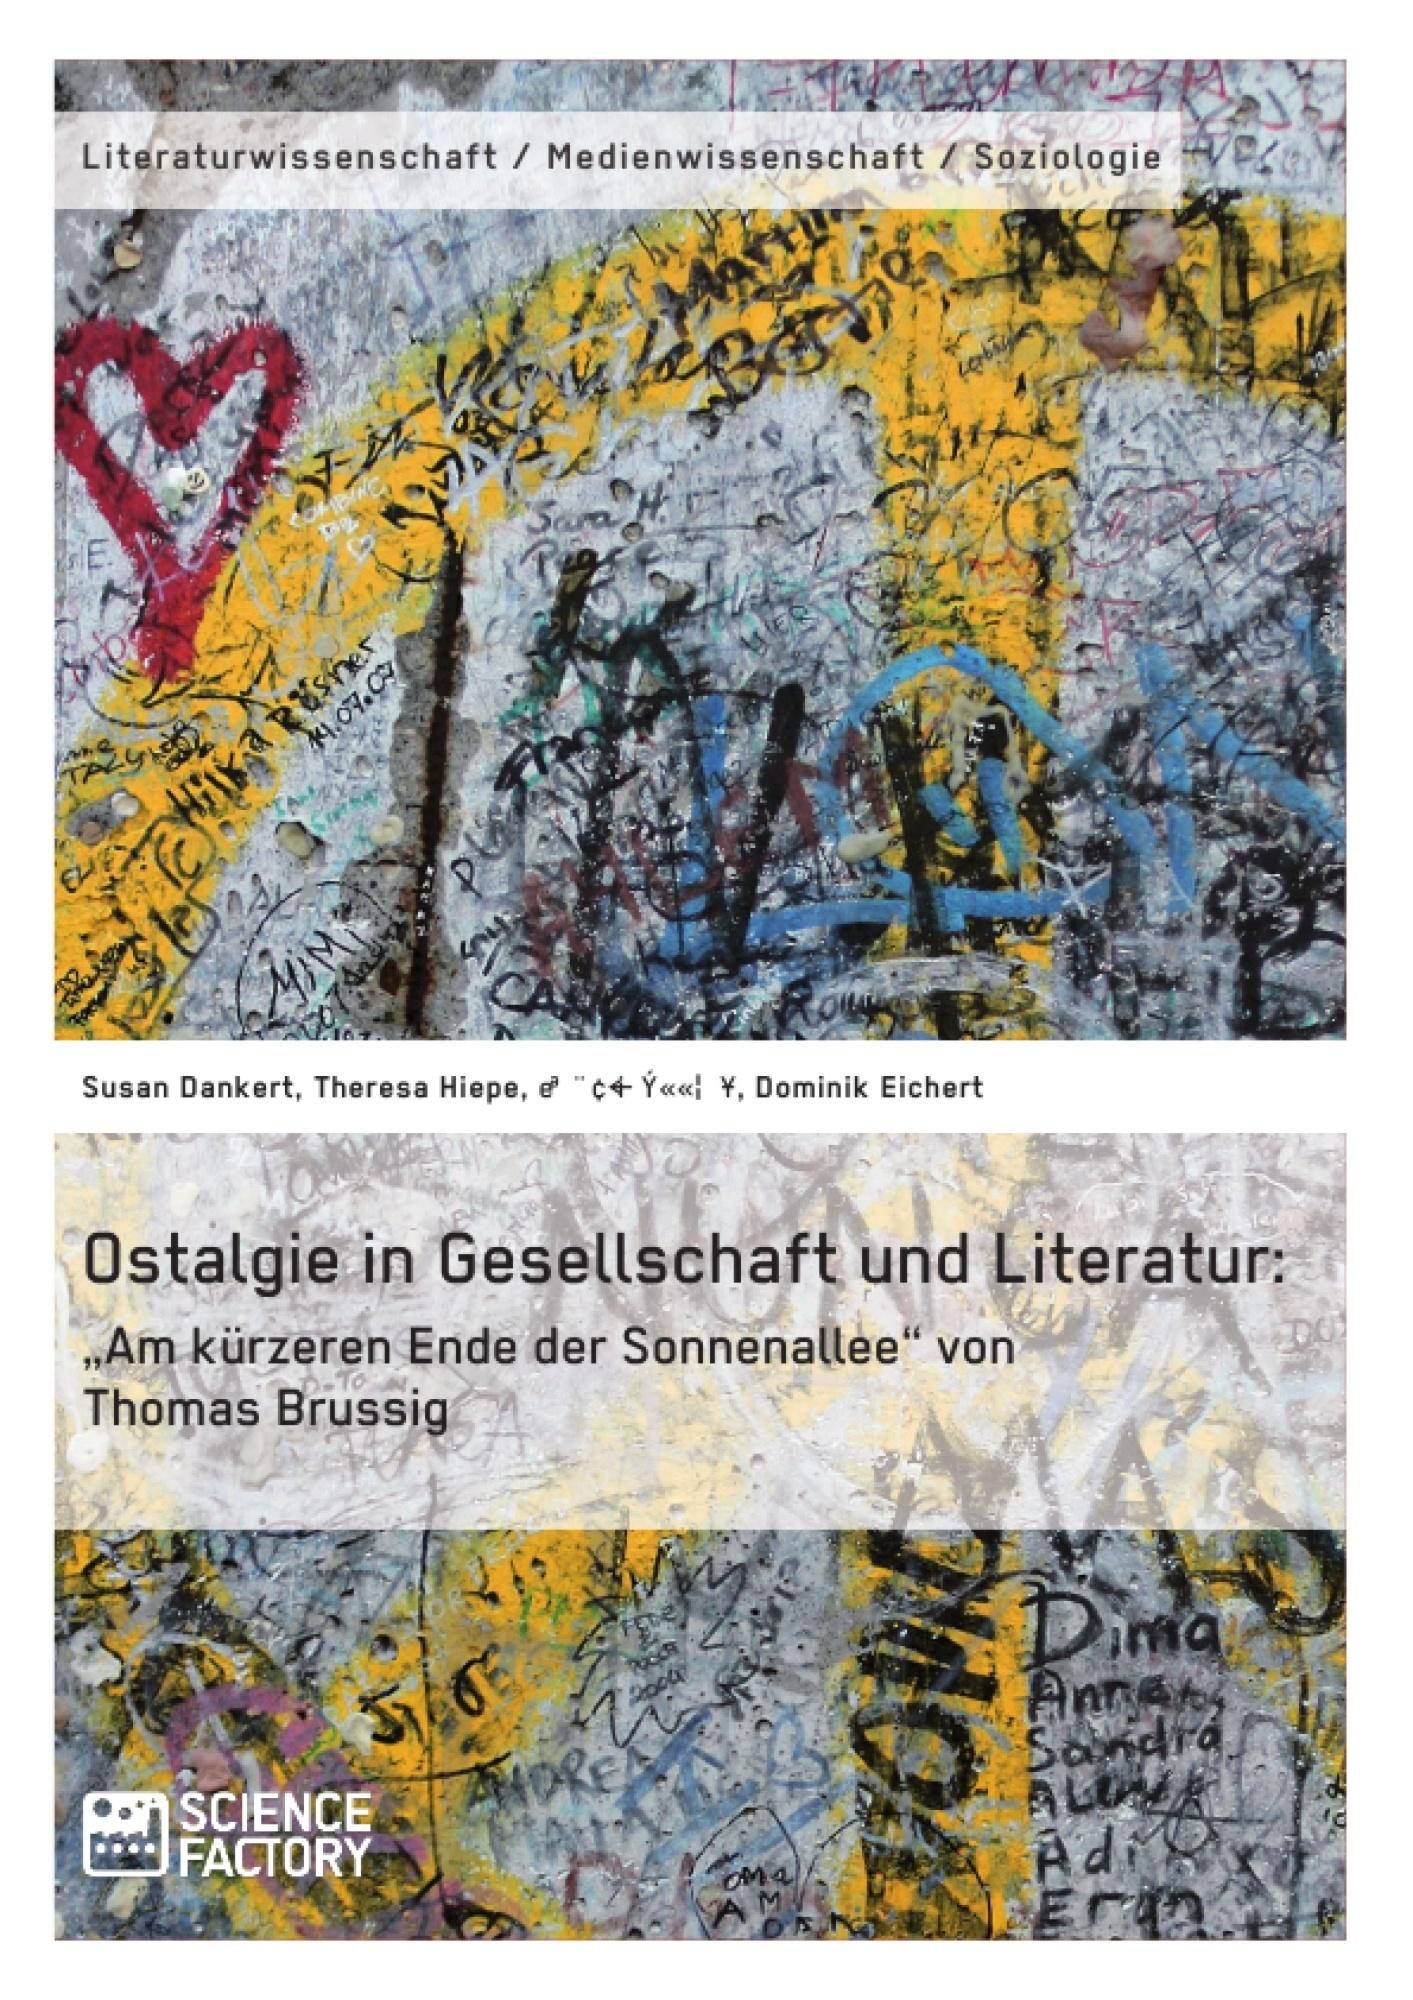 """Titel: Ostalgie in Gesellschaft und Literatur: """"Am kürzeren Ende der Sonnenallee"""" von Thomas Brussig"""